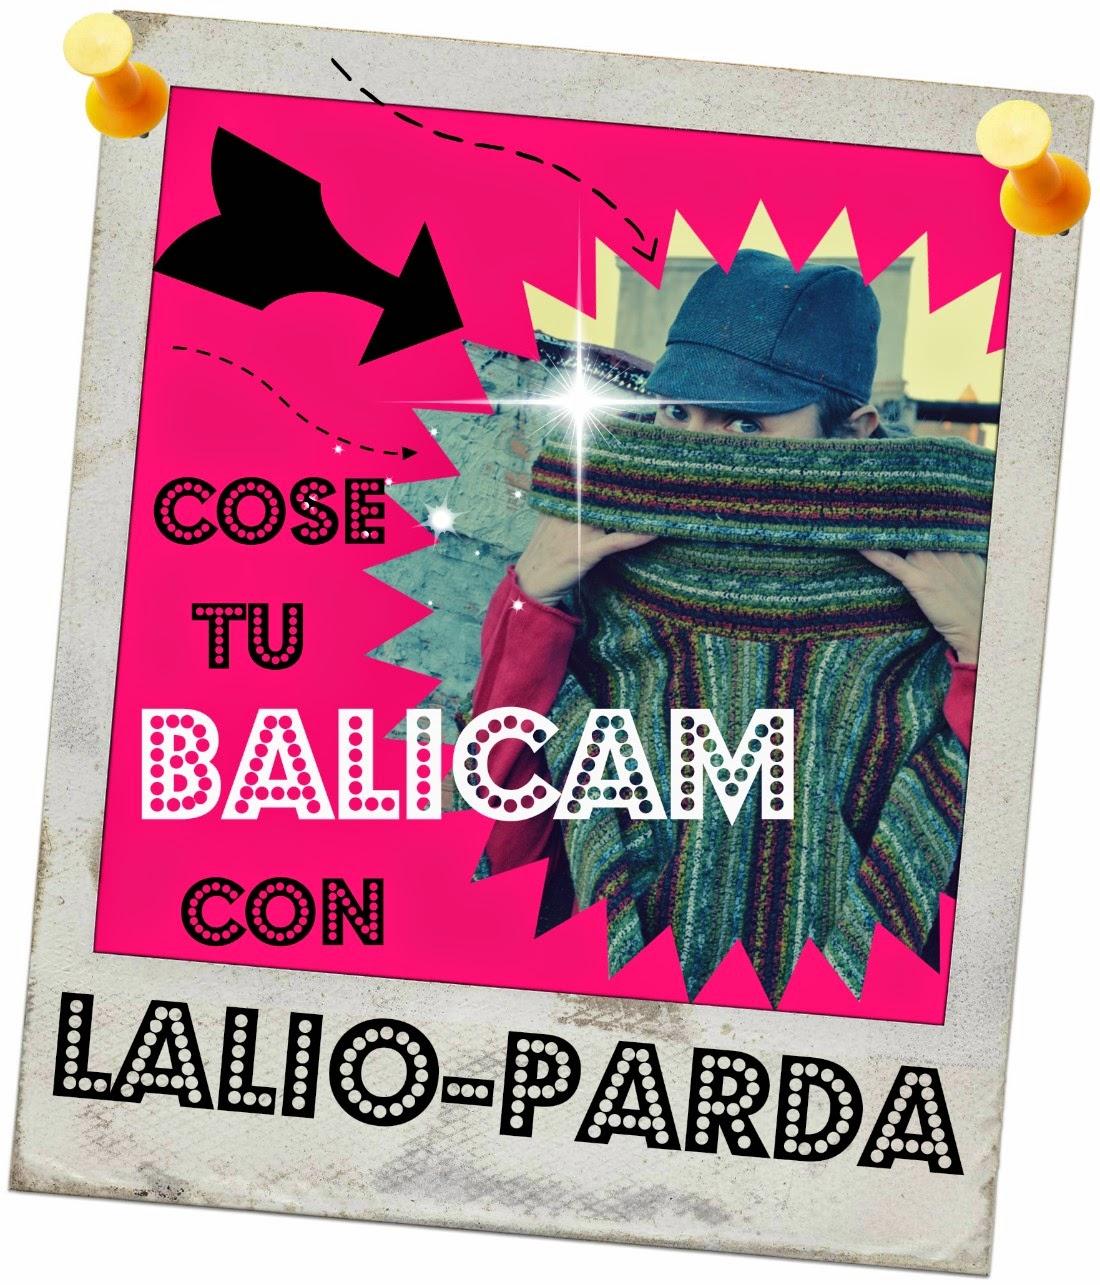 http://lalio-parda.blogspot.com.es/2014/11/18144000-segundos302400-horas12600-dias.html